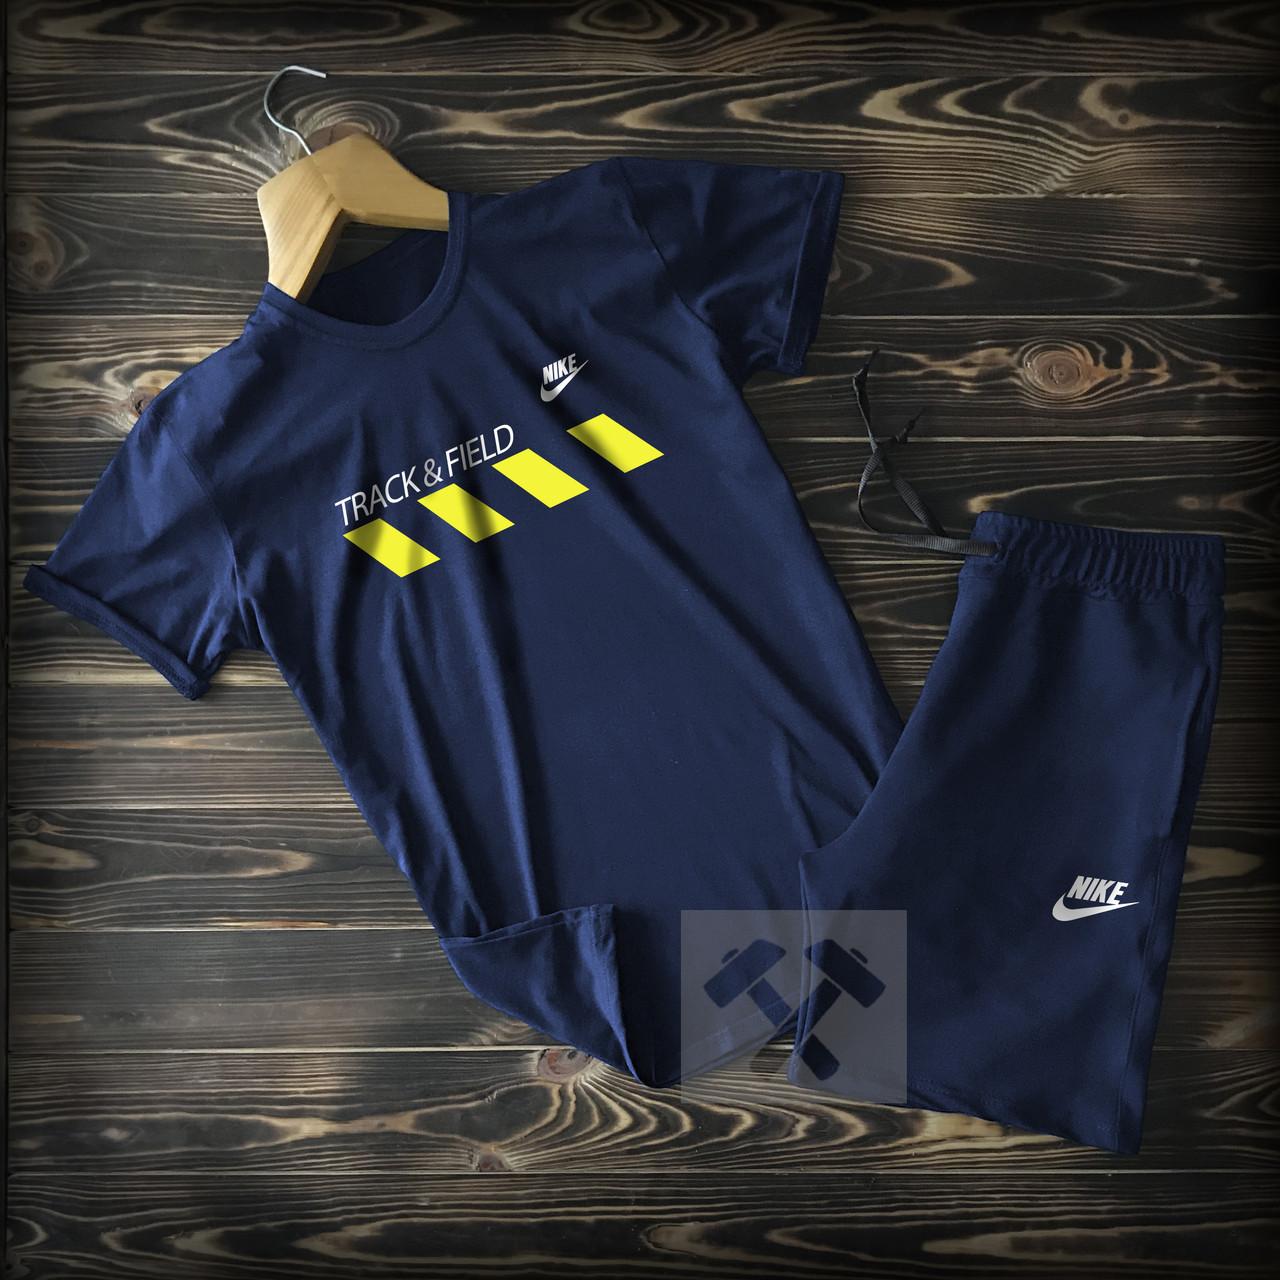 Летний мужской спортивный костюм Nike синего цвета (Шорты и футболка Найк 90% хлопок)